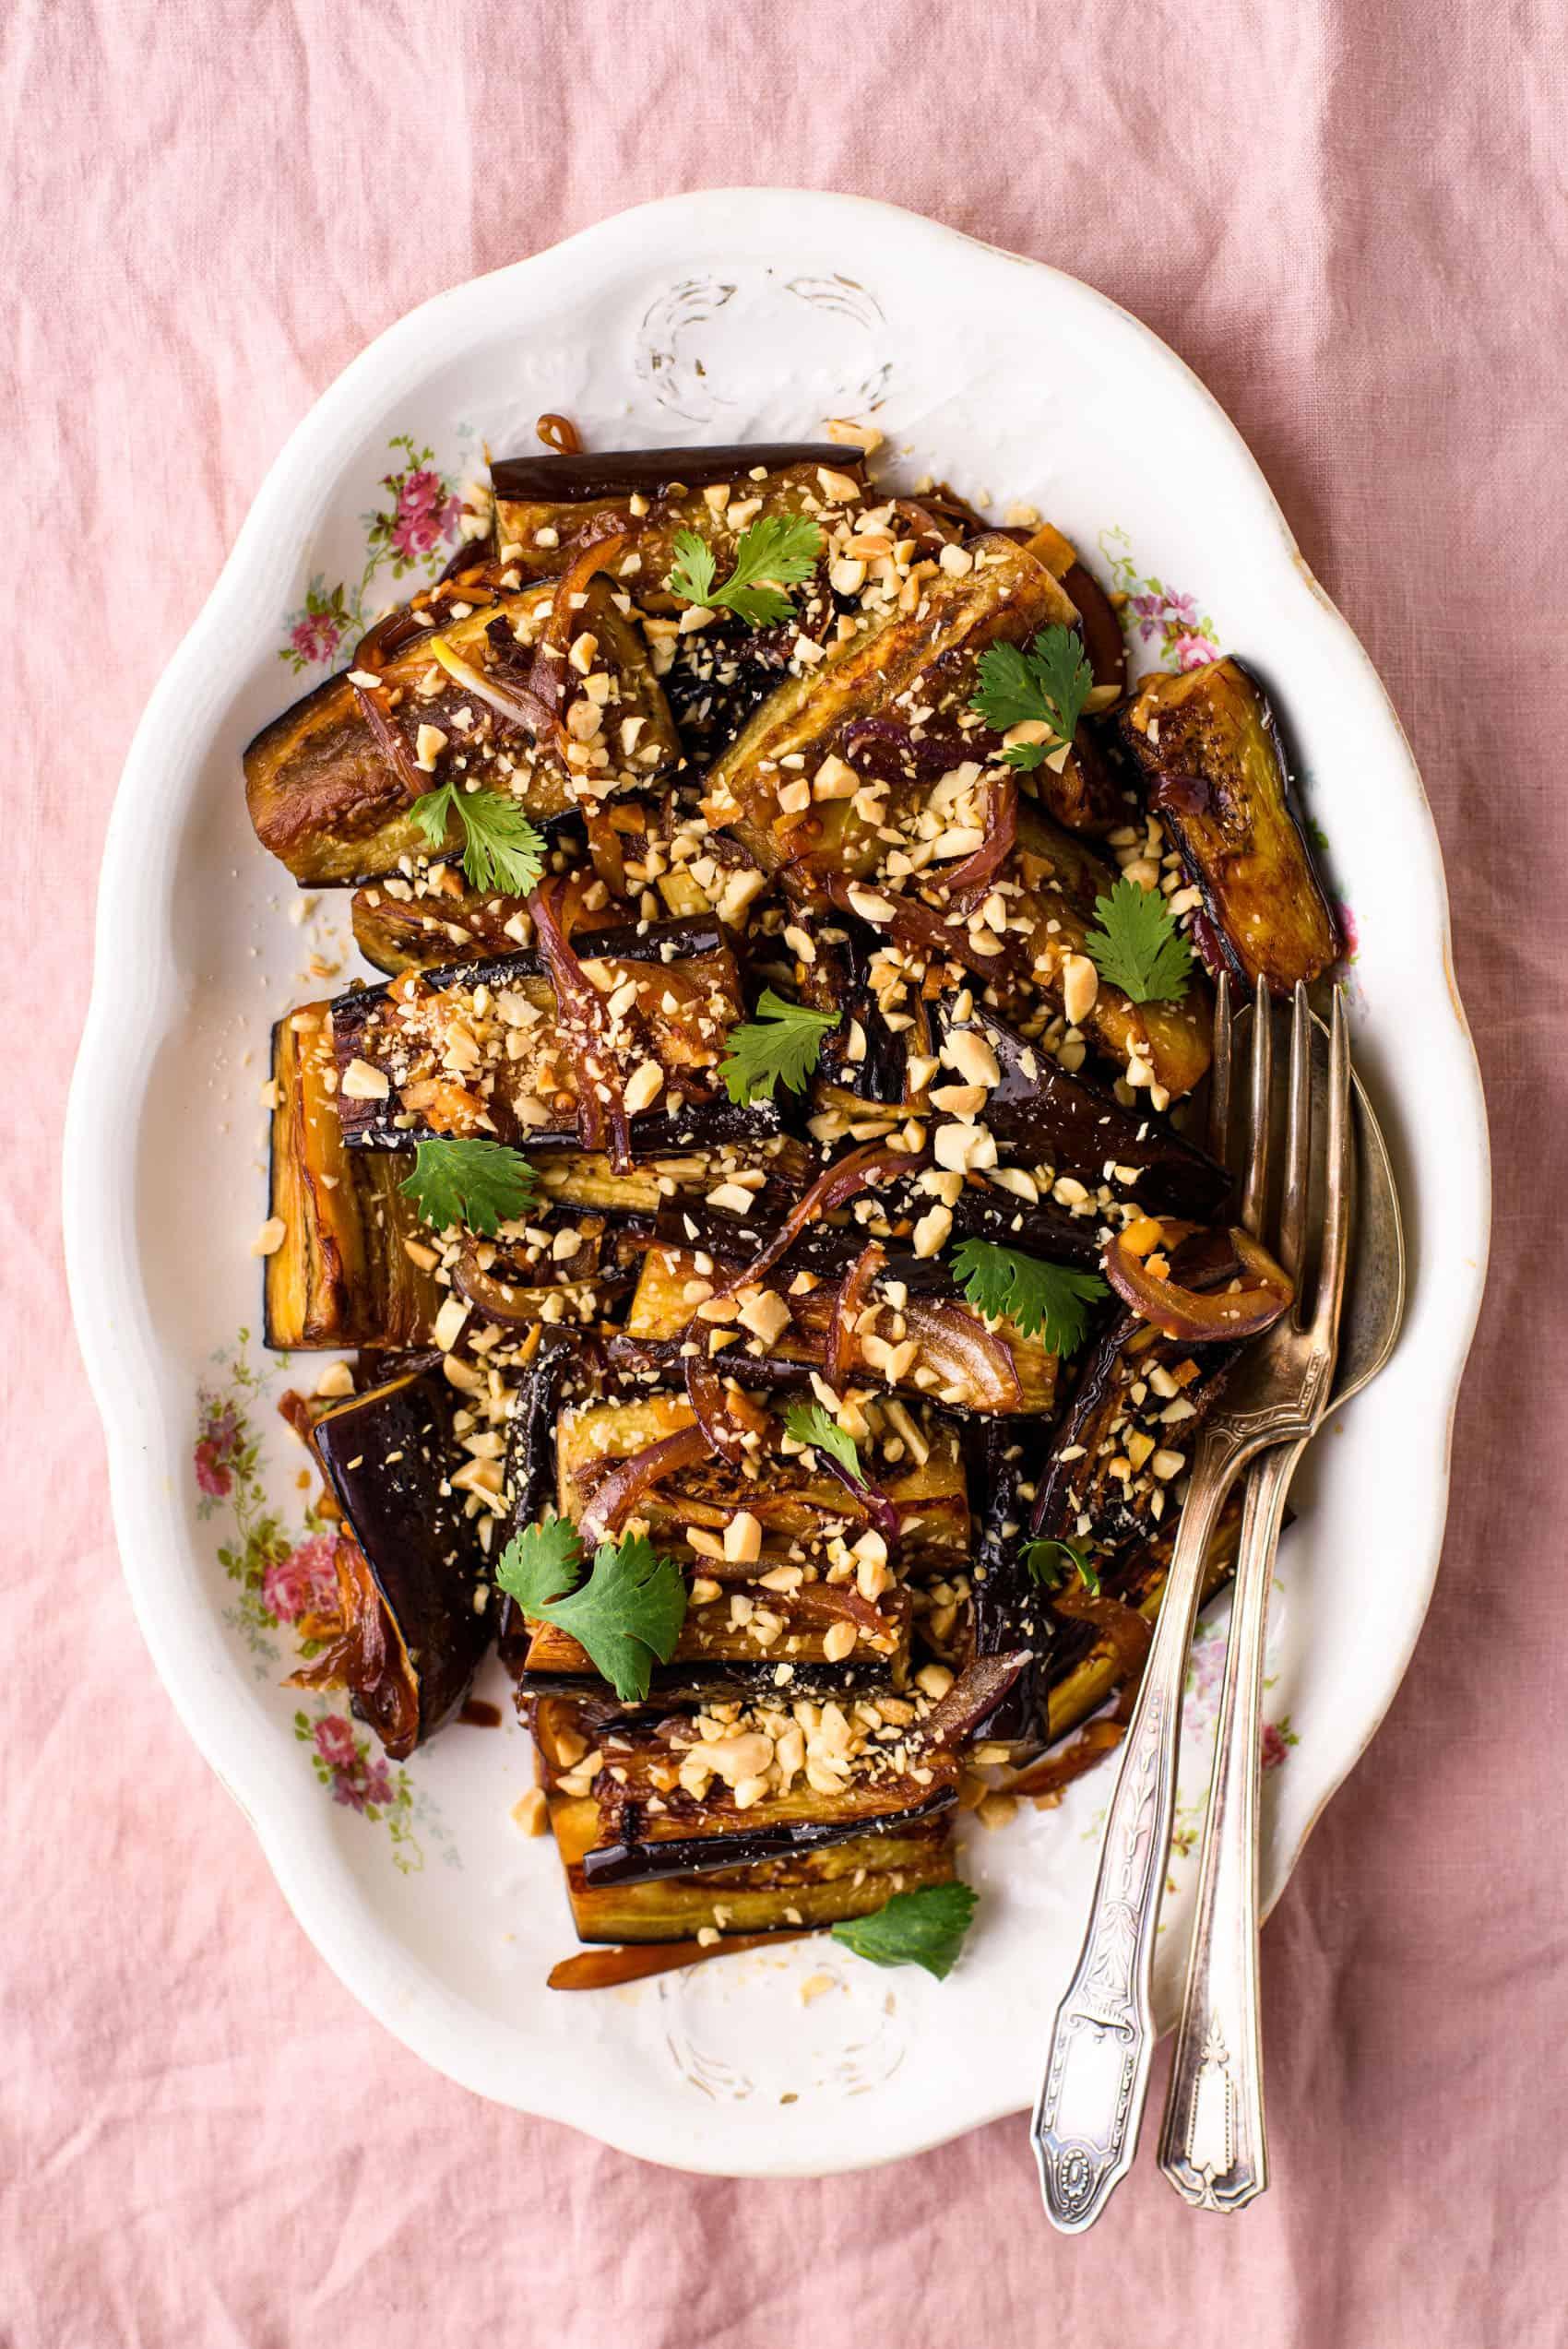 Geglazuurde, in de pan gebakken aubergine bestrooid met gemalen pinda's en koriander op een vintage, ovale schaal op een roze tafelkleed